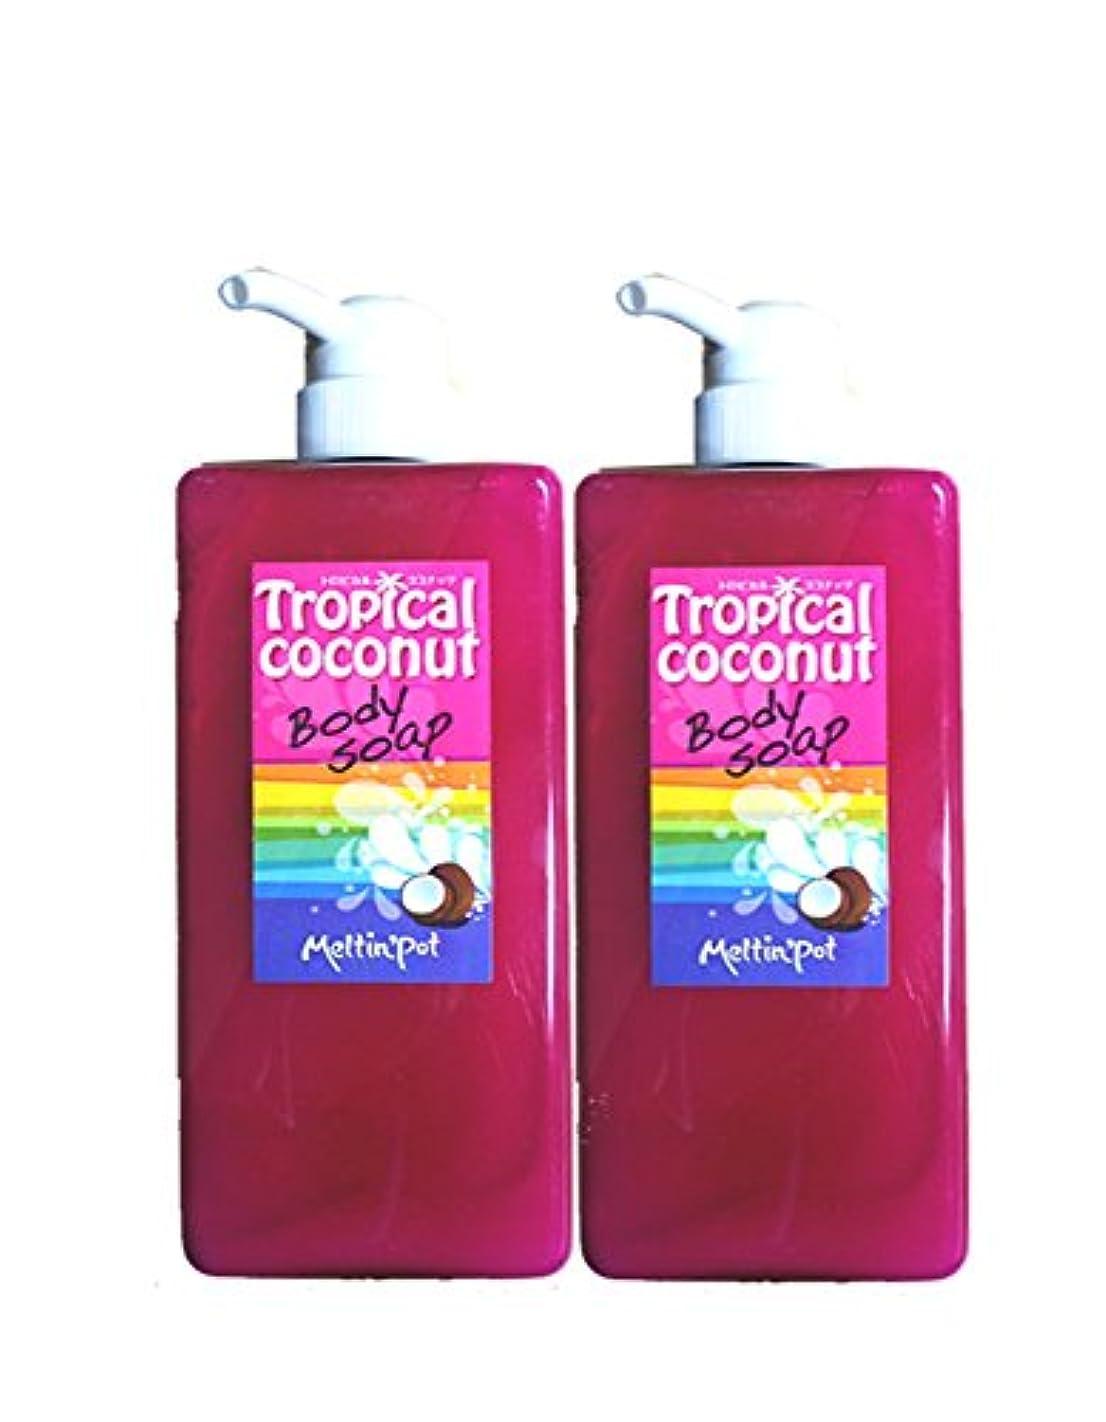 バーター時折代理店トロピカルココナッツ ボディソープ 600ml*2セット Tropical coconut Body Soap 加齢臭に!